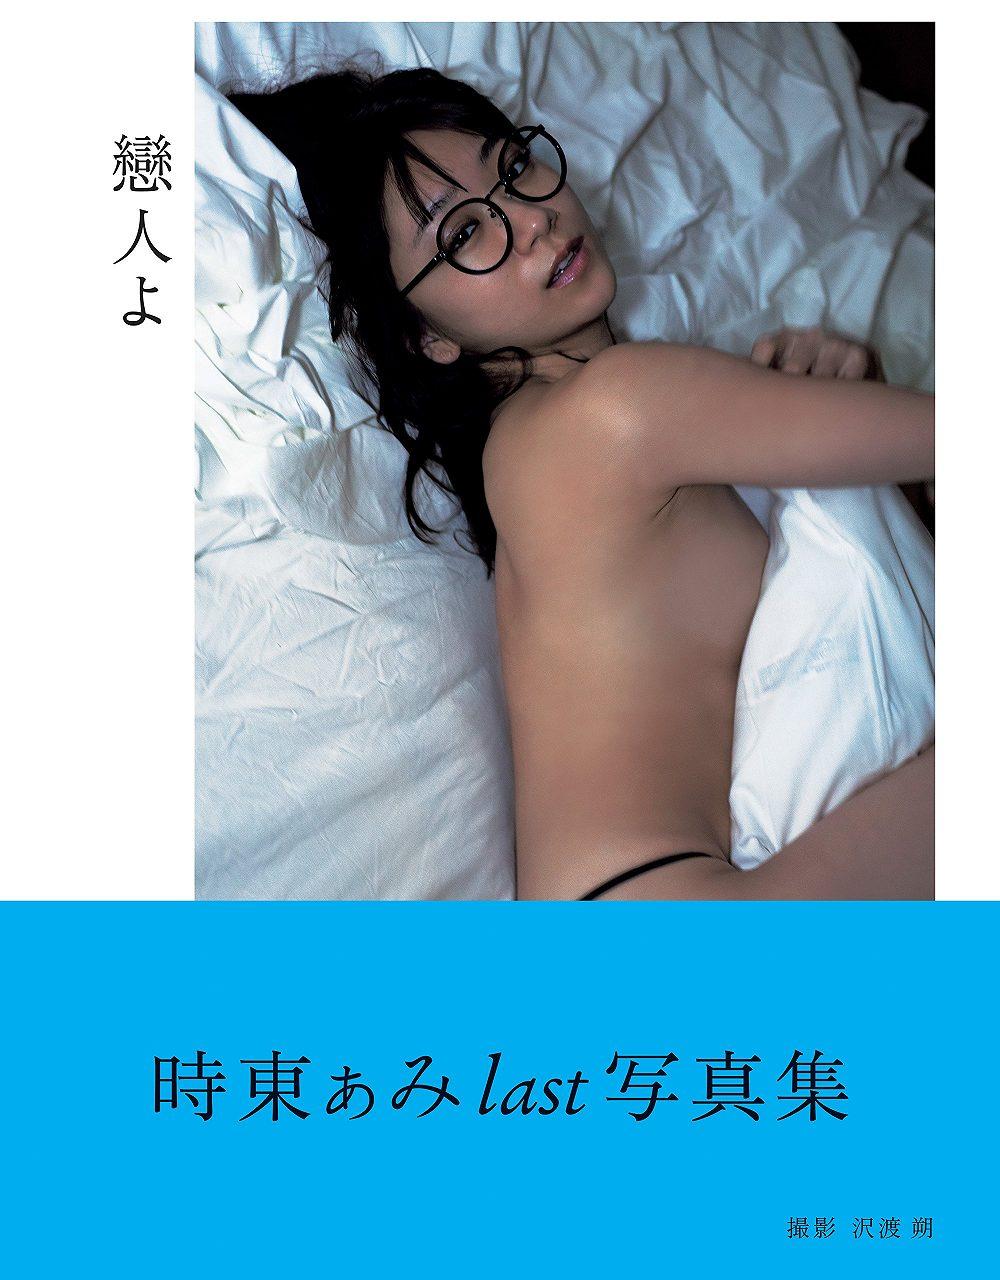 時東ぁみの写真集「戀人よ」